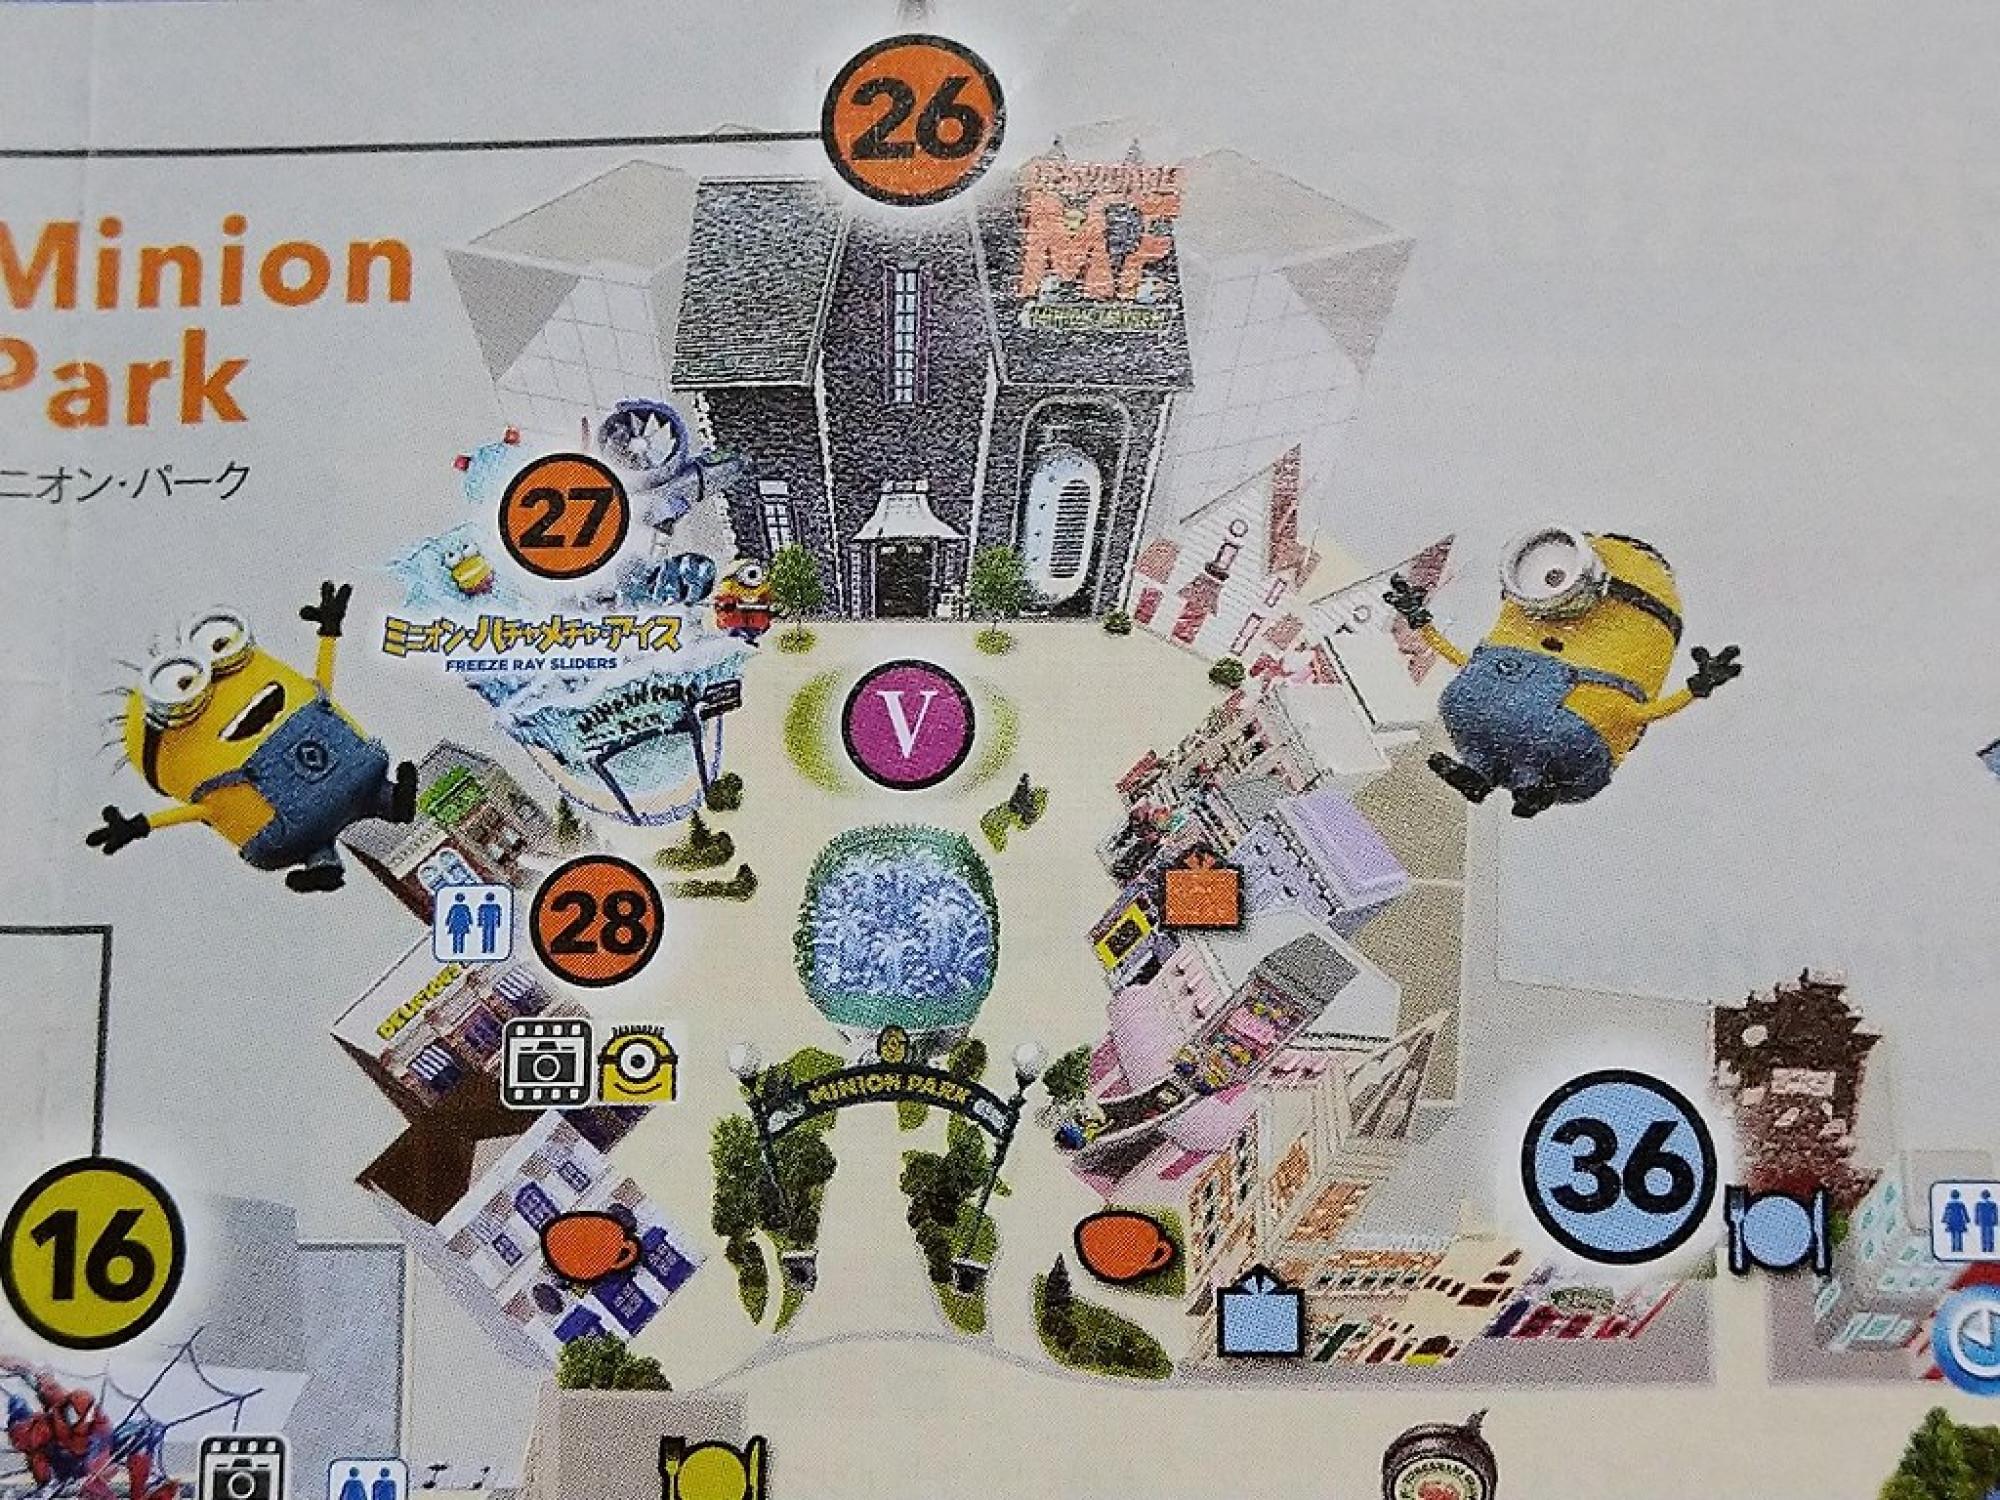 ミニオンパークのパークマップ/USJスタジオガイド(2021年3月版)